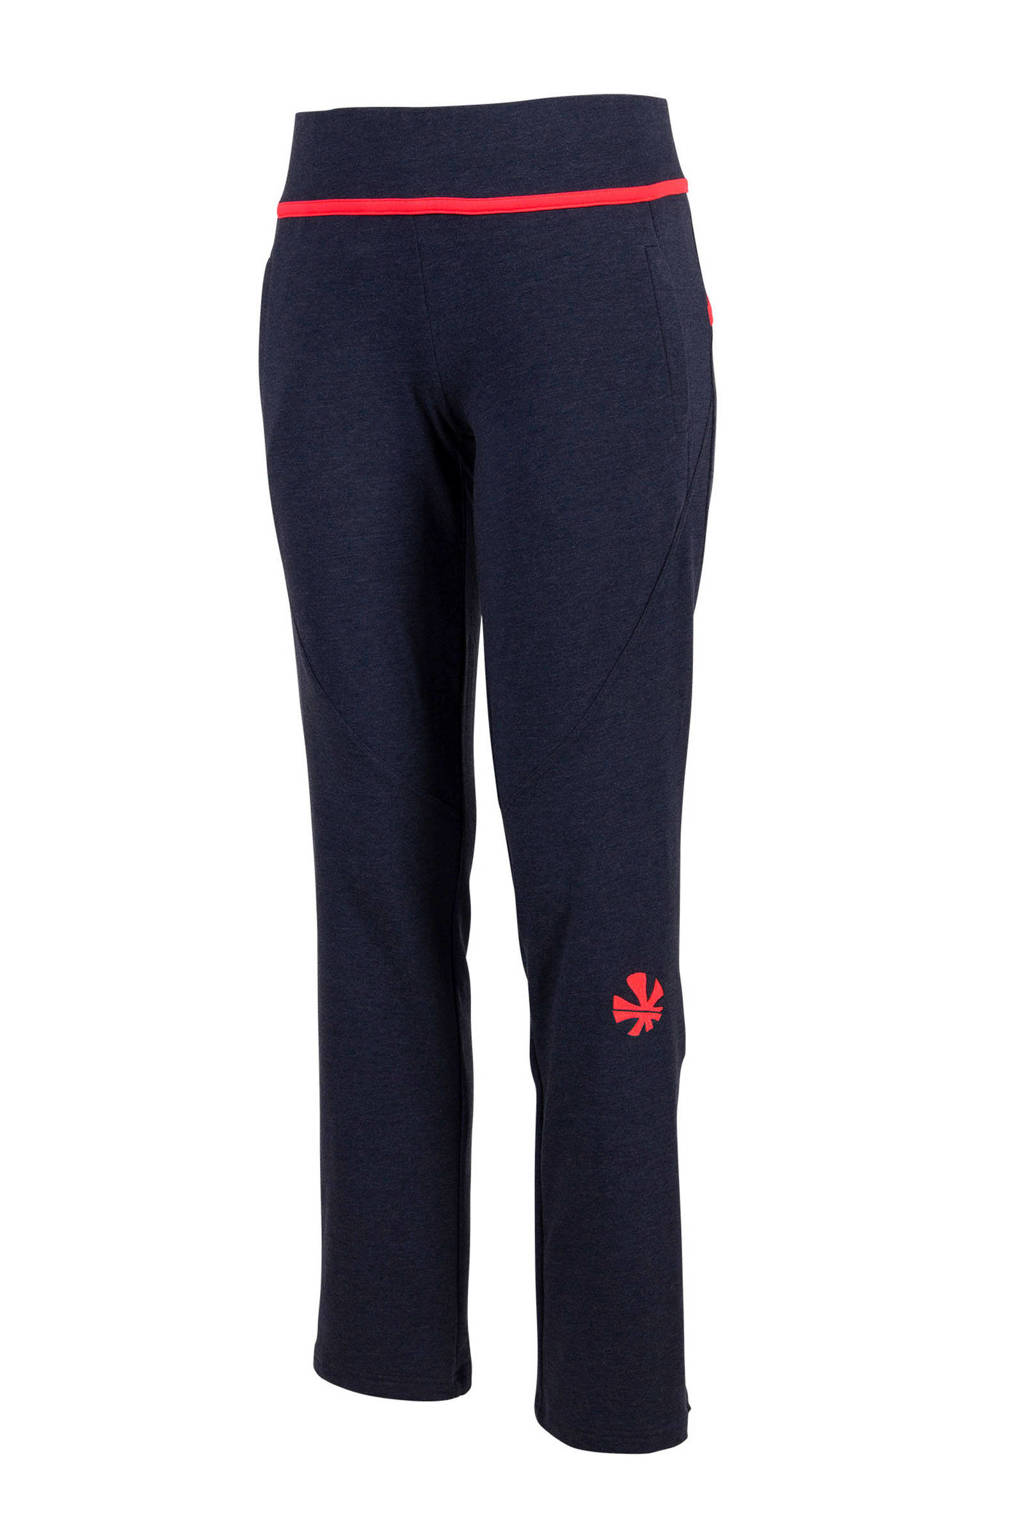 Reece Australia regular fit joggingbroek donkerblauw/roze, Meisjes